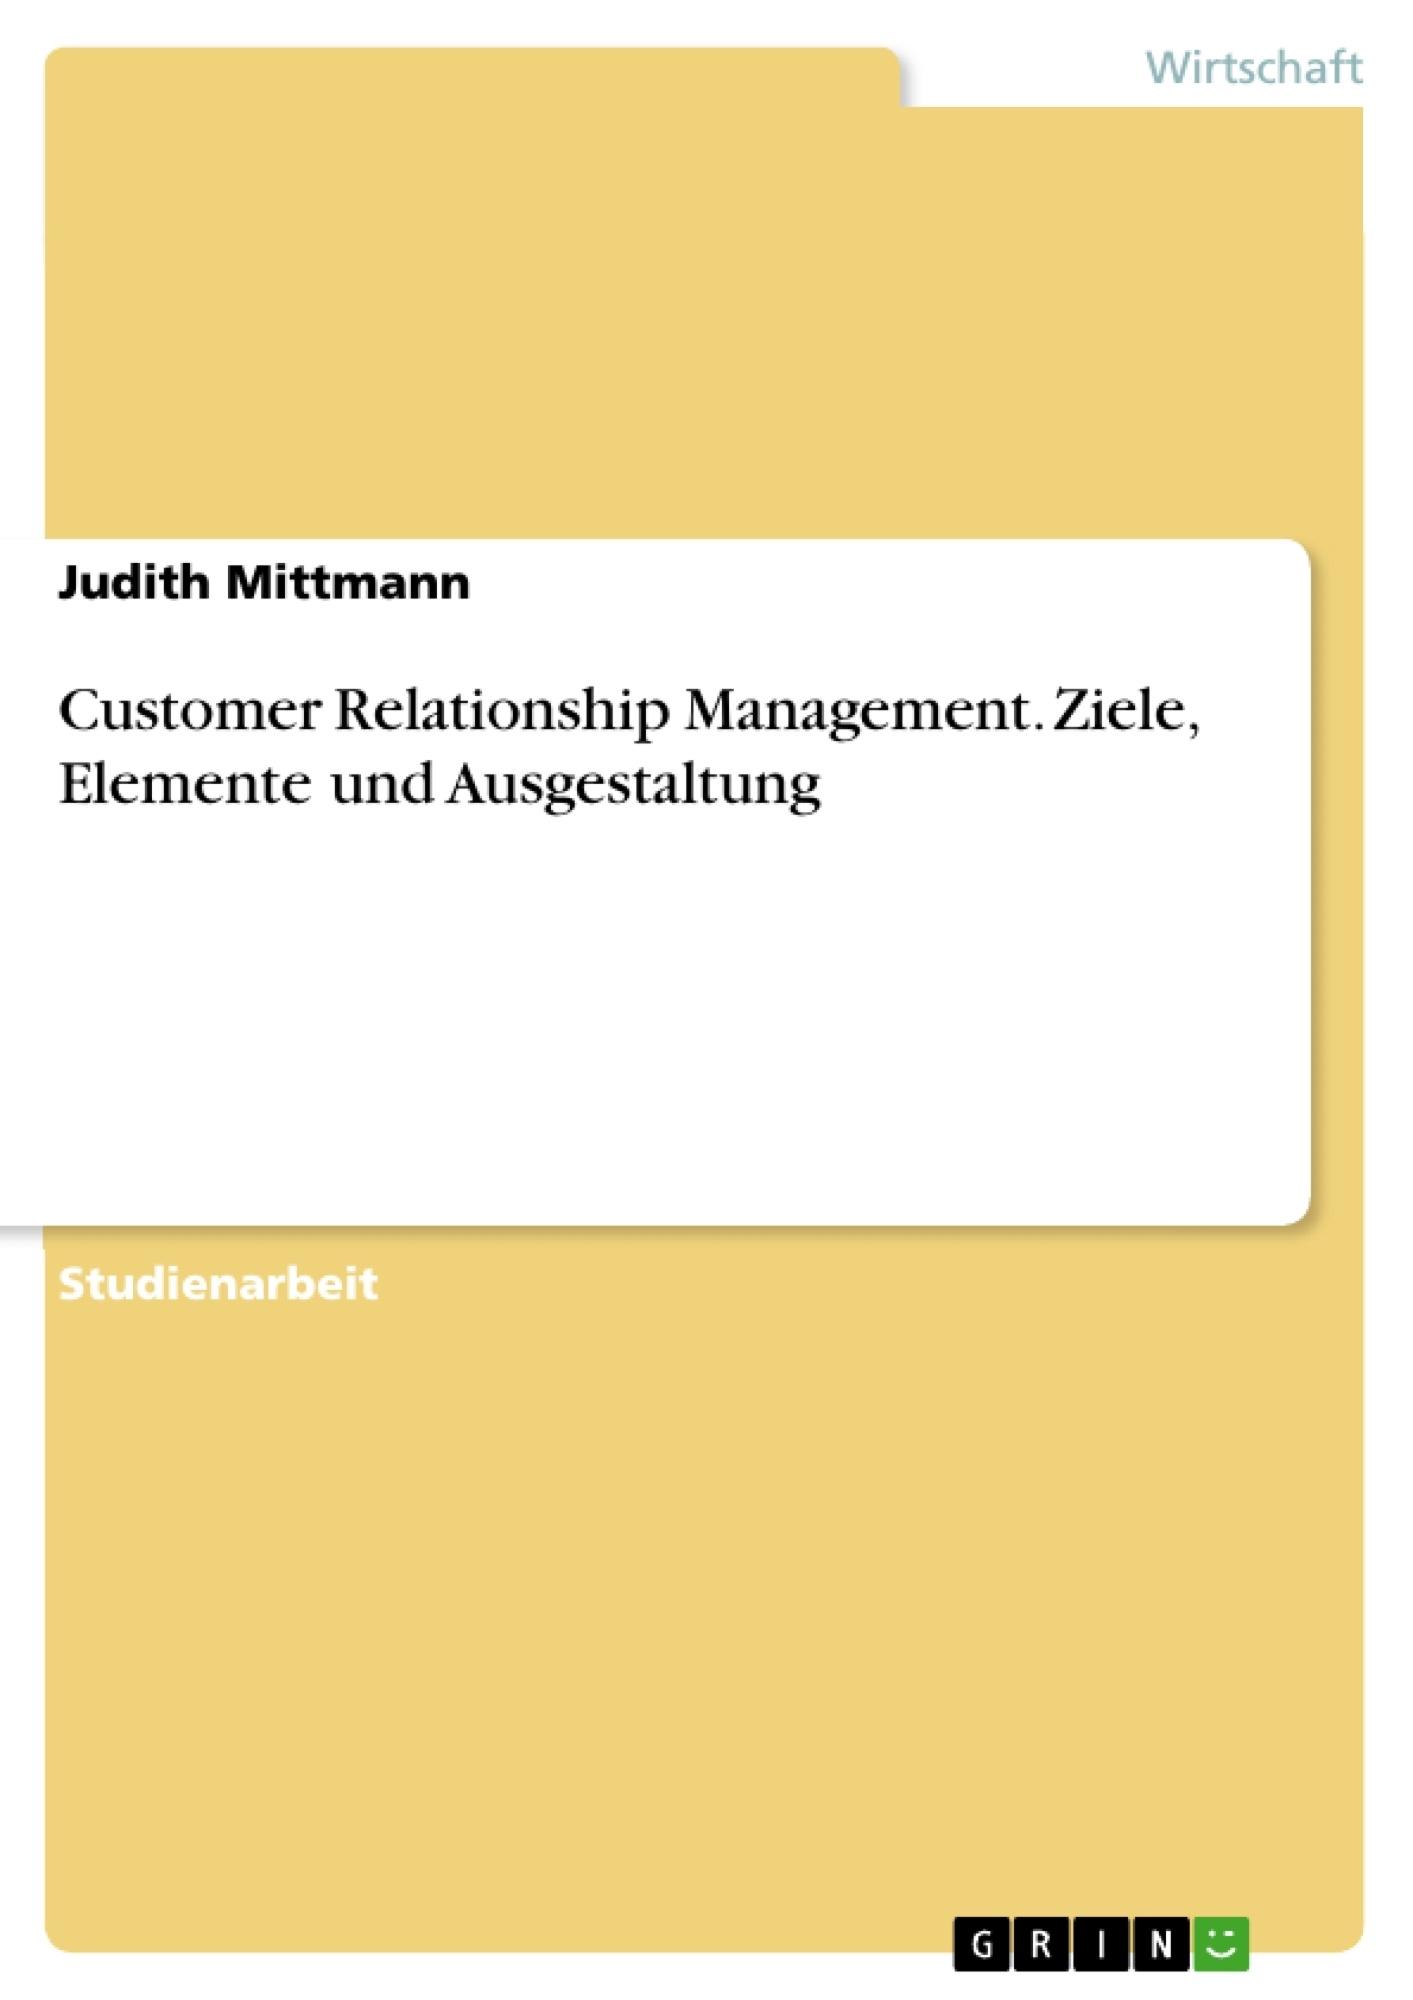 Titel: Customer Relationship Management. Ziele, Elemente und Ausgestaltung